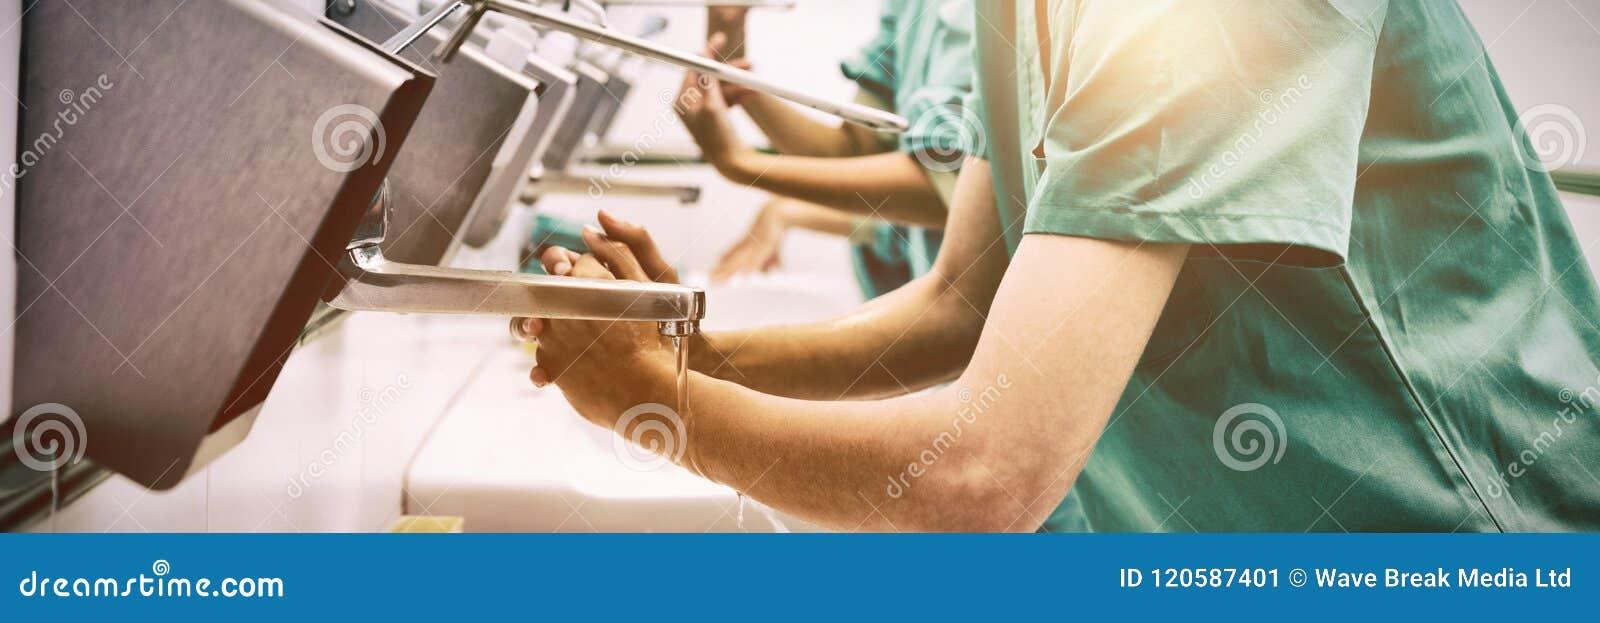 Chirurgen, die ihre Hände beim Lächeln waschen